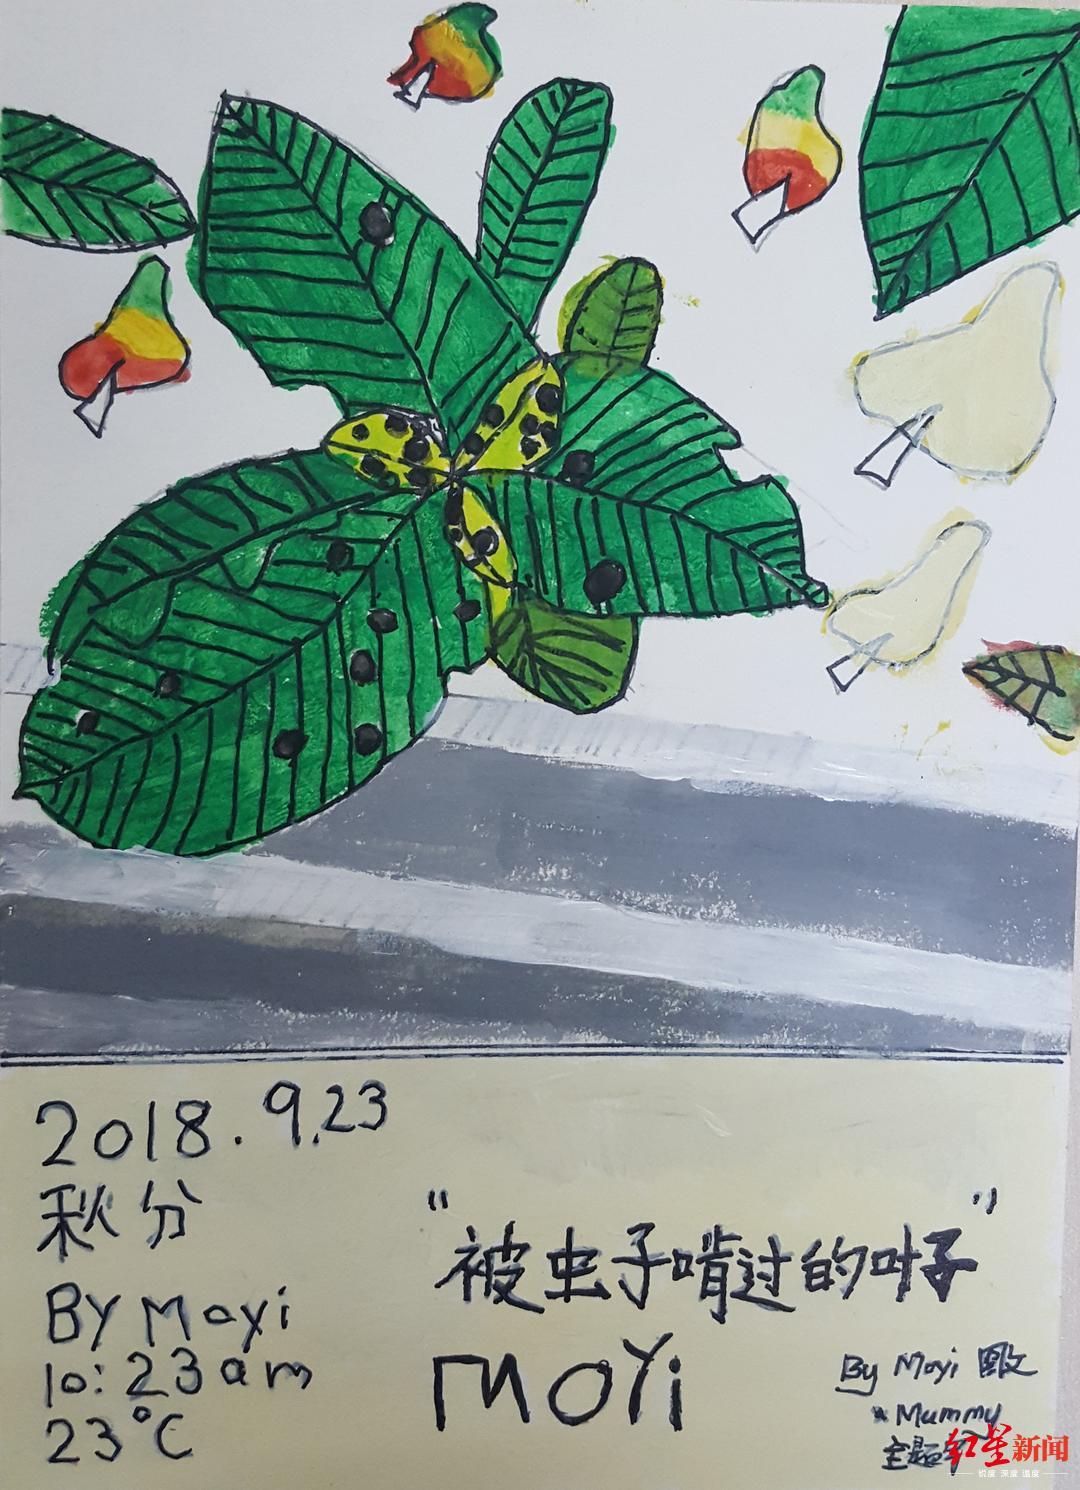 成都这群一年级小学生作700多幅写绘 稚嫩文笔记录二十四节气